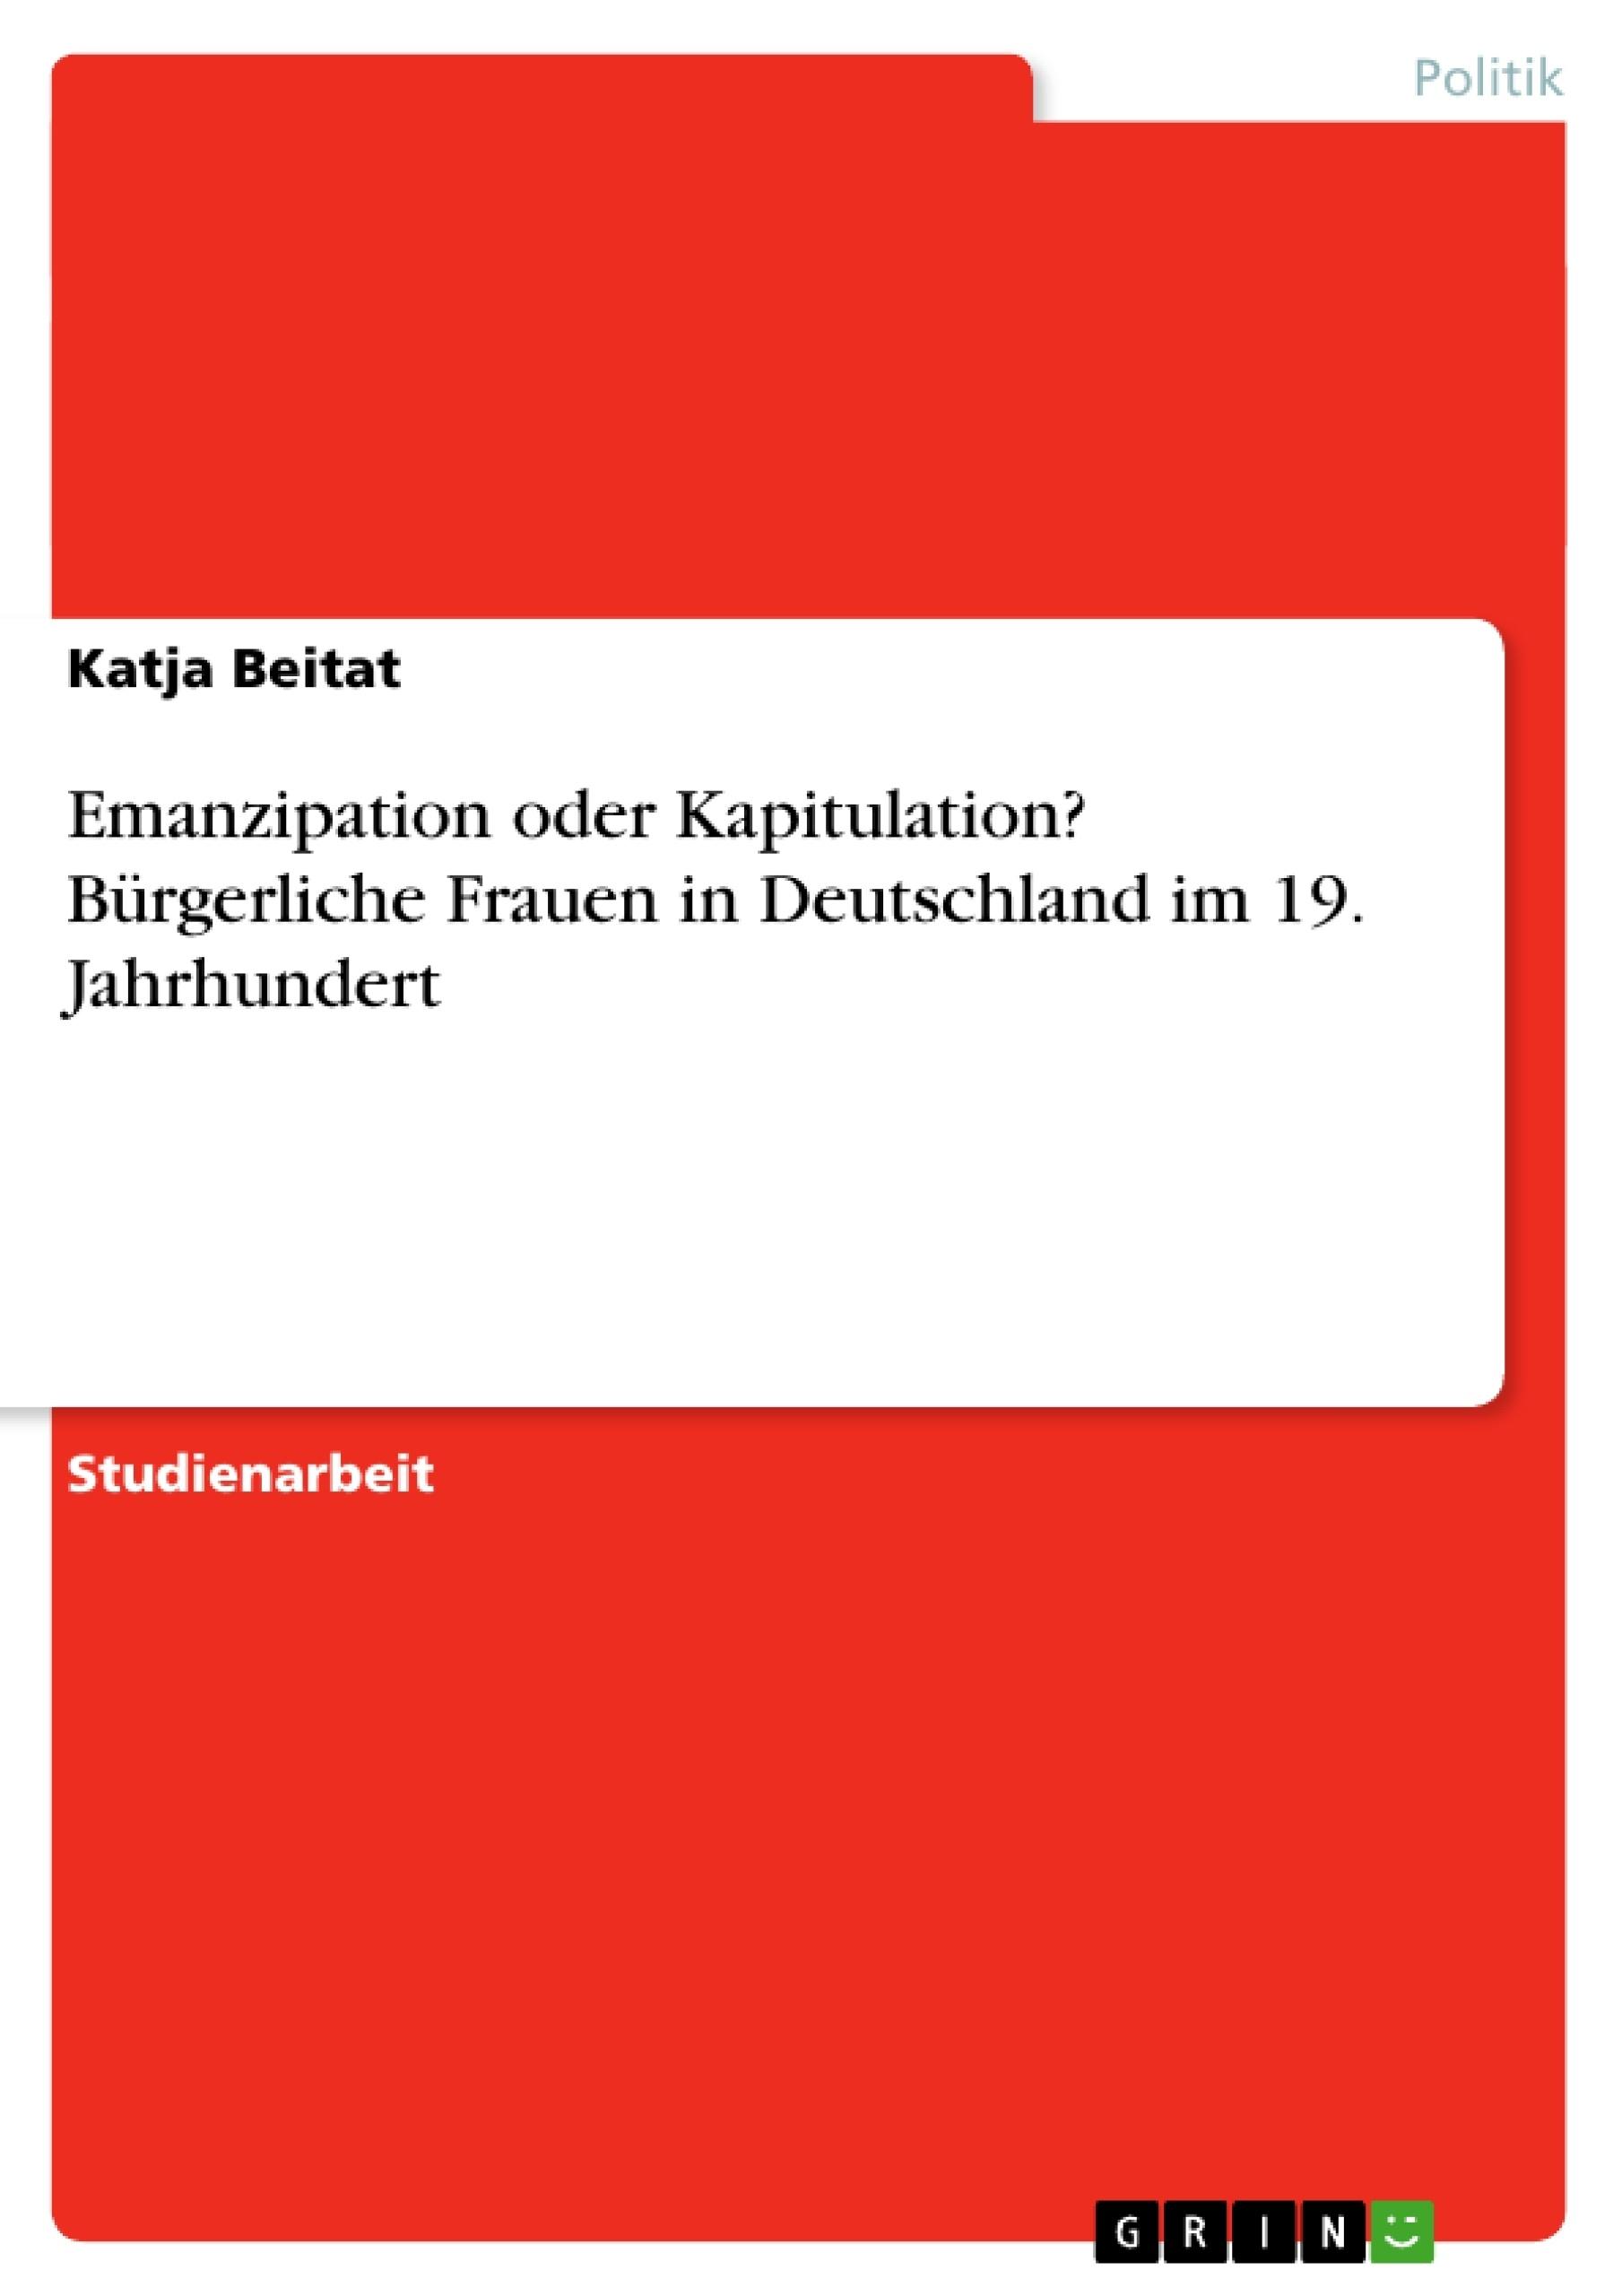 Titel: Emanzipation oder Kapitulation? Bürgerliche Frauen in Deutschland im 19. Jahrhundert